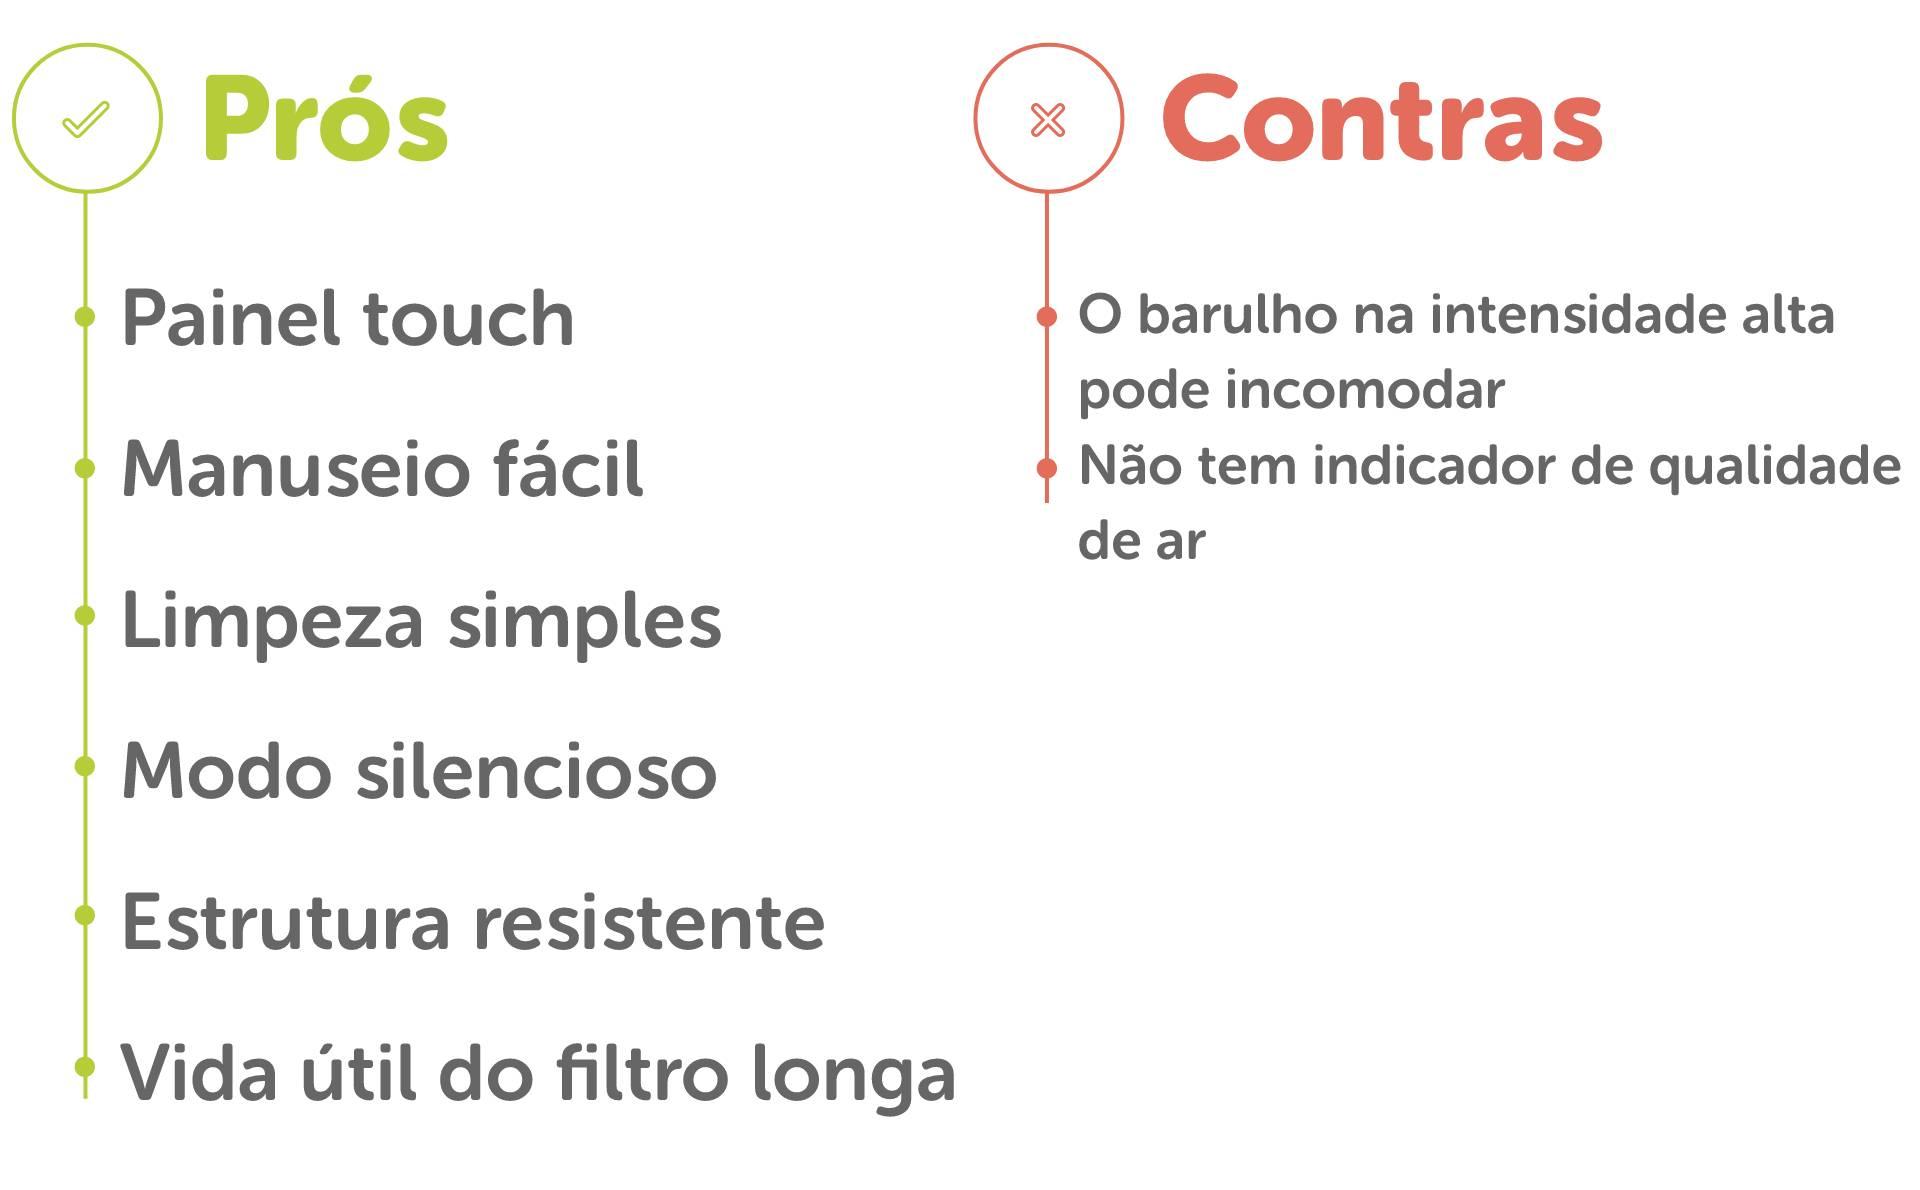 Lista de tópicos dos prós e contras do purificador de ar